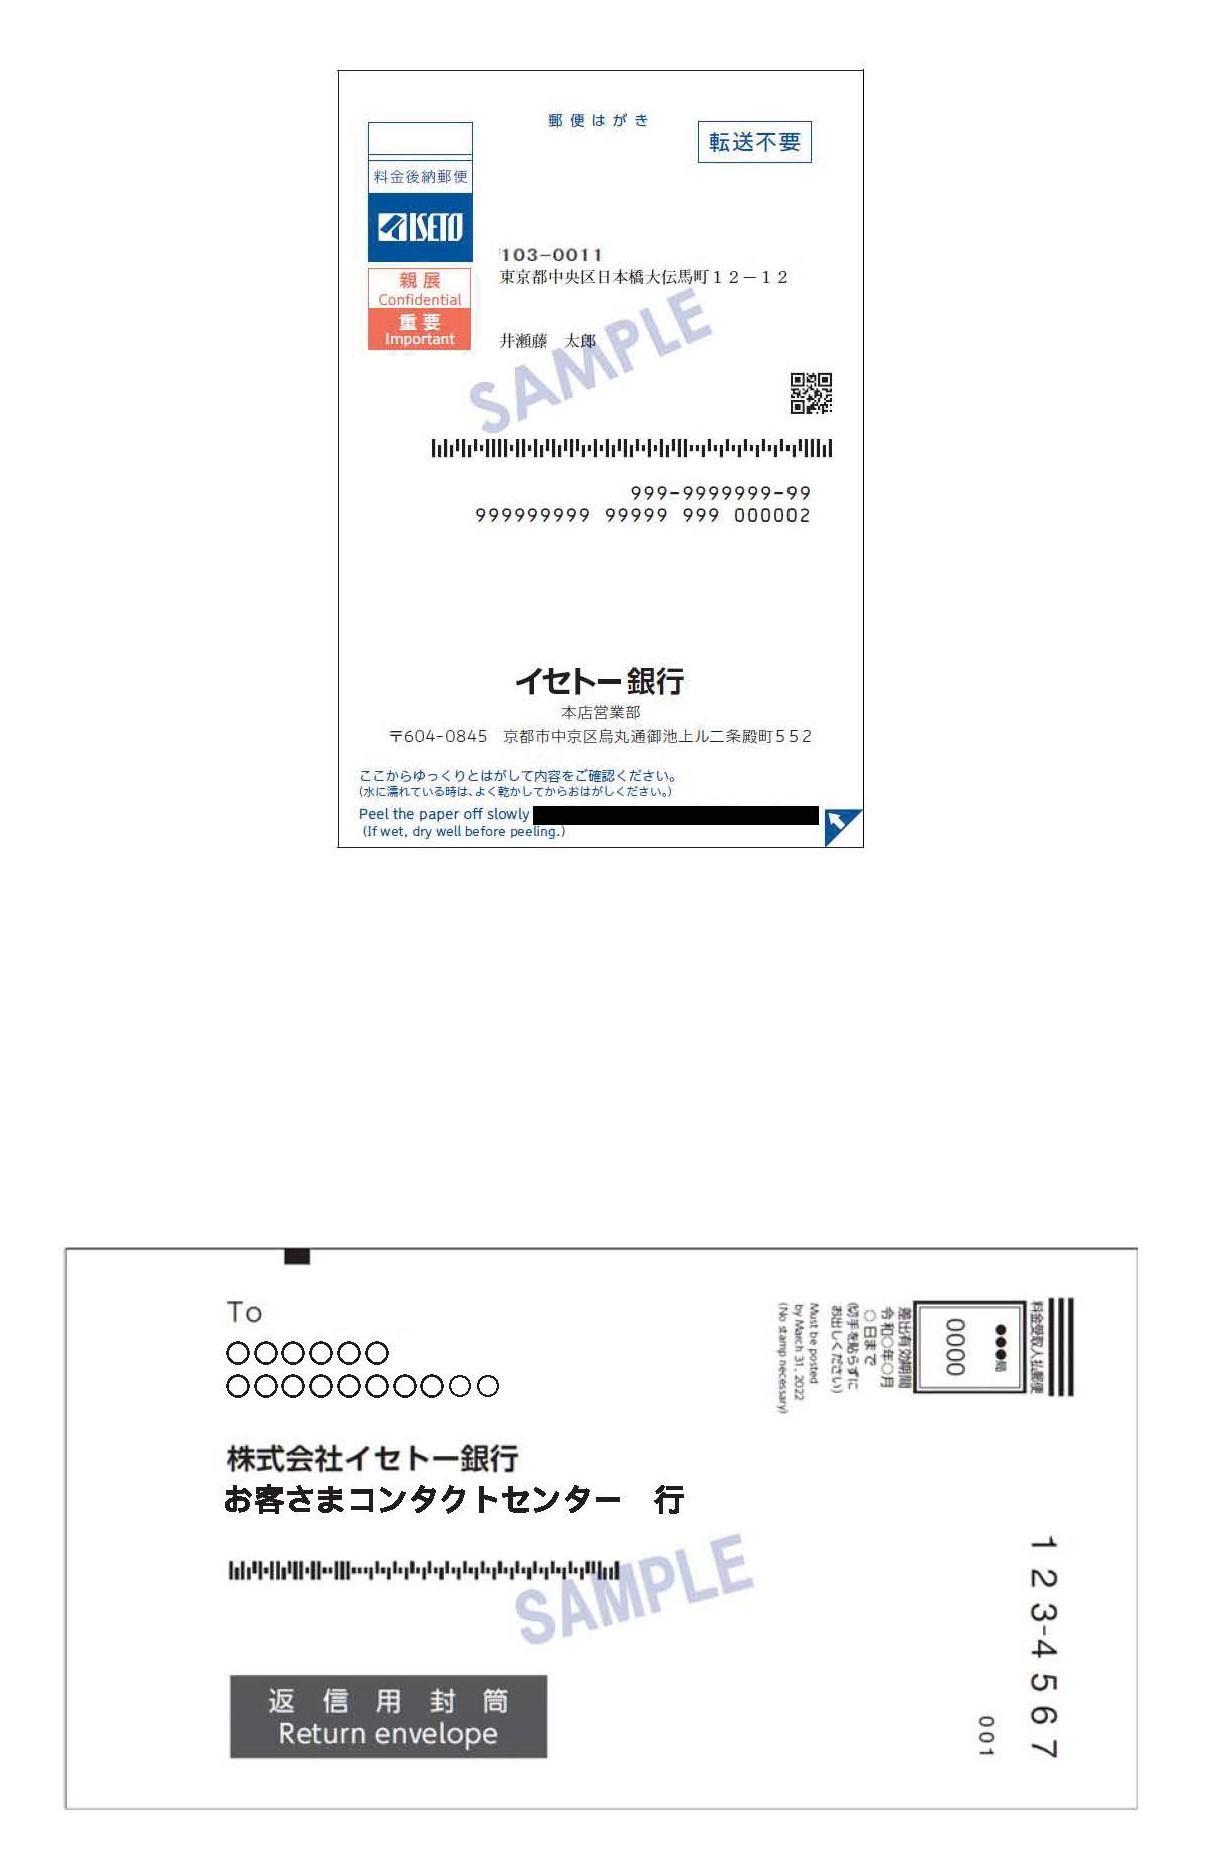 210112 多言語圧着ハガキ・封筒.jpg